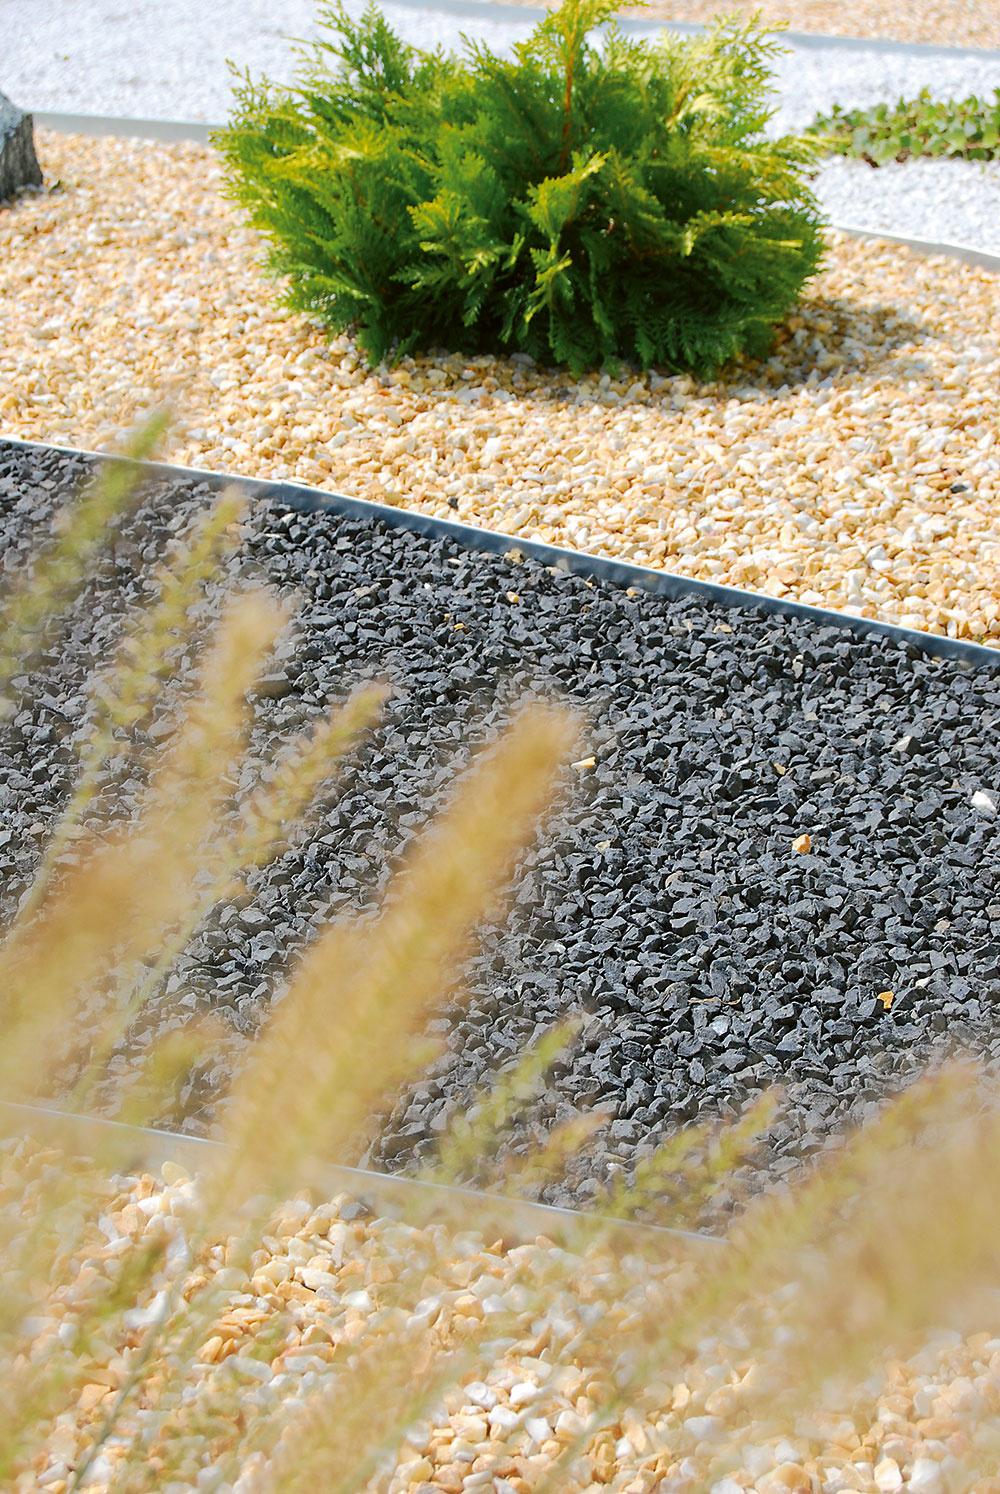 Čadičová drvina je pri tvorbe záhrady veľmi obľúbená, pretože je na pohľad esteticky príjemná ajej údržba je minimálna. Používa sa prevažne ako pokrývka záhonov svýraznými efektmi. Na www.hornbach.sk si môžete vybrať zviacerých farieb.